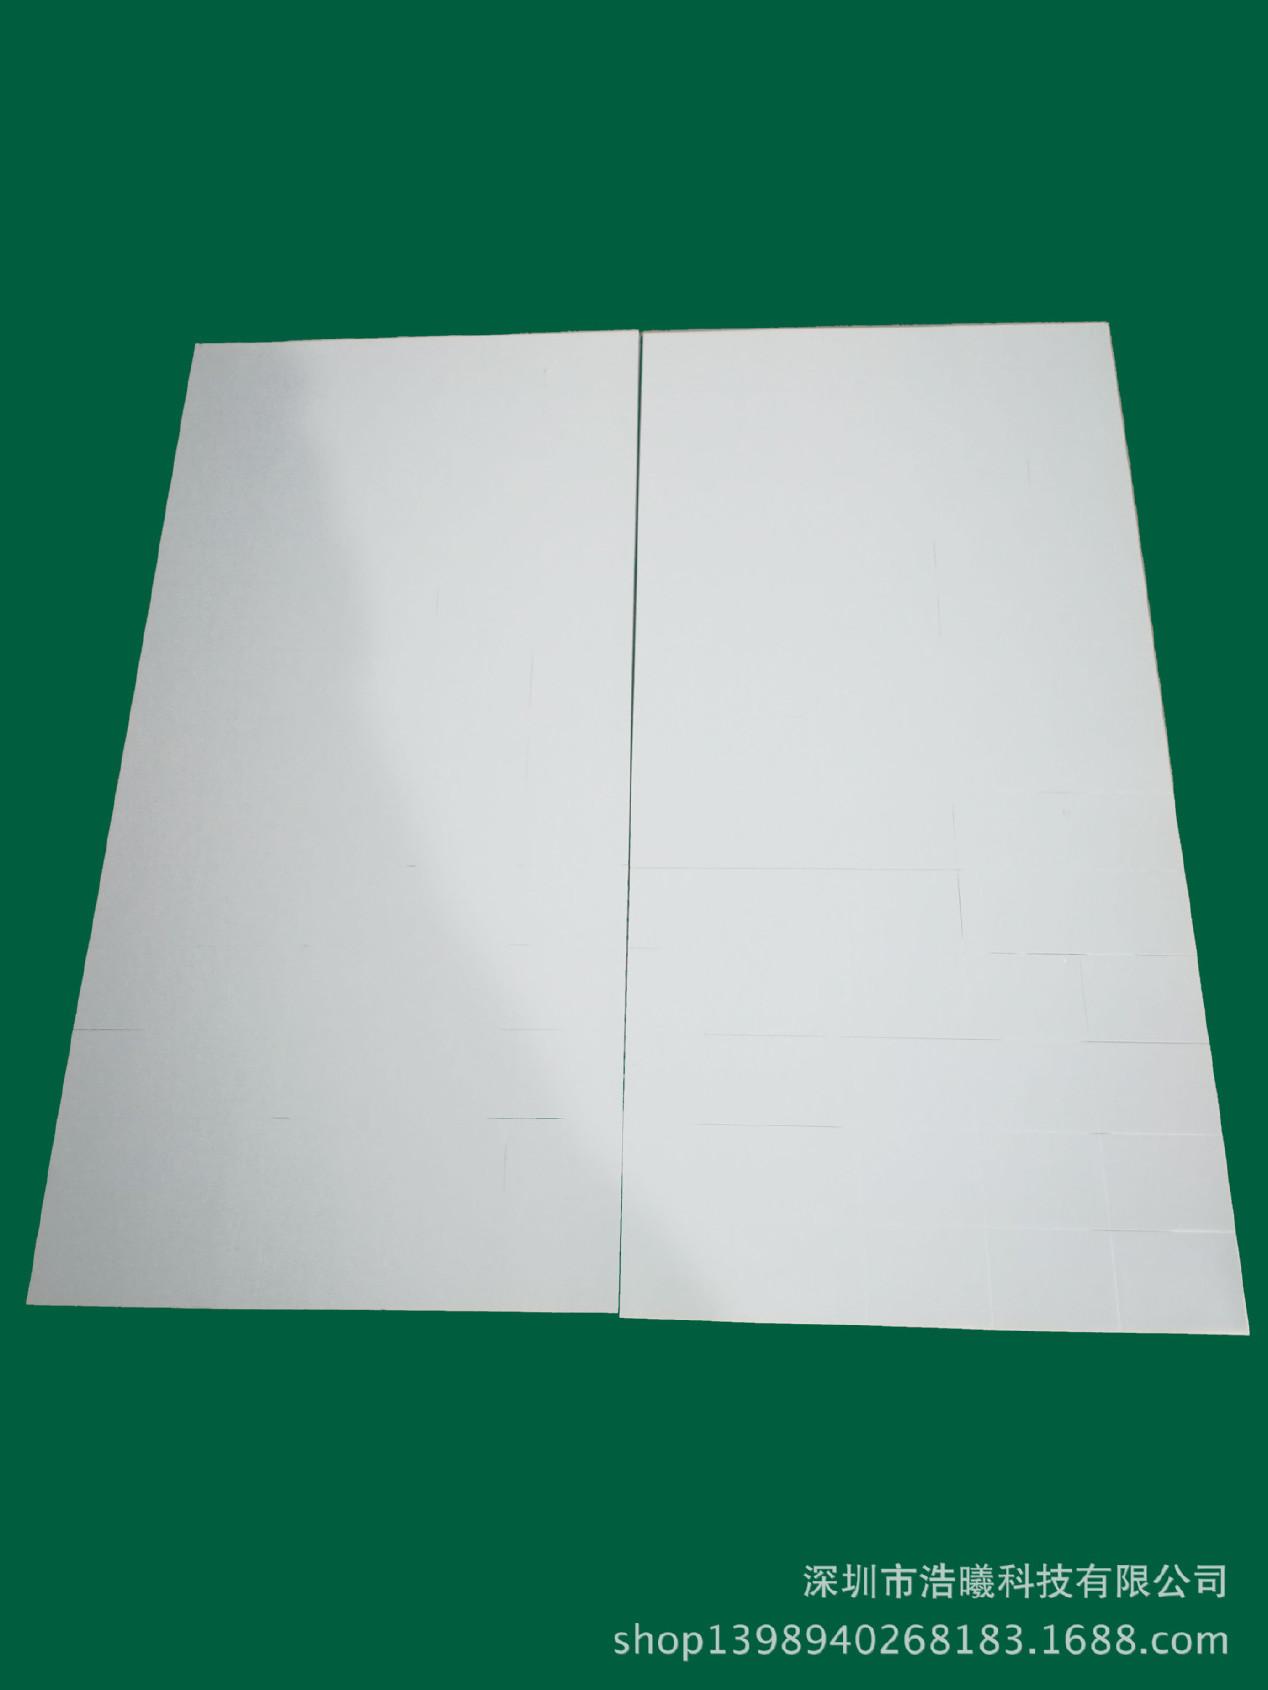 导热硅胶片、Led灯导热硅胶片、散热硅胶片0.5mmT3038